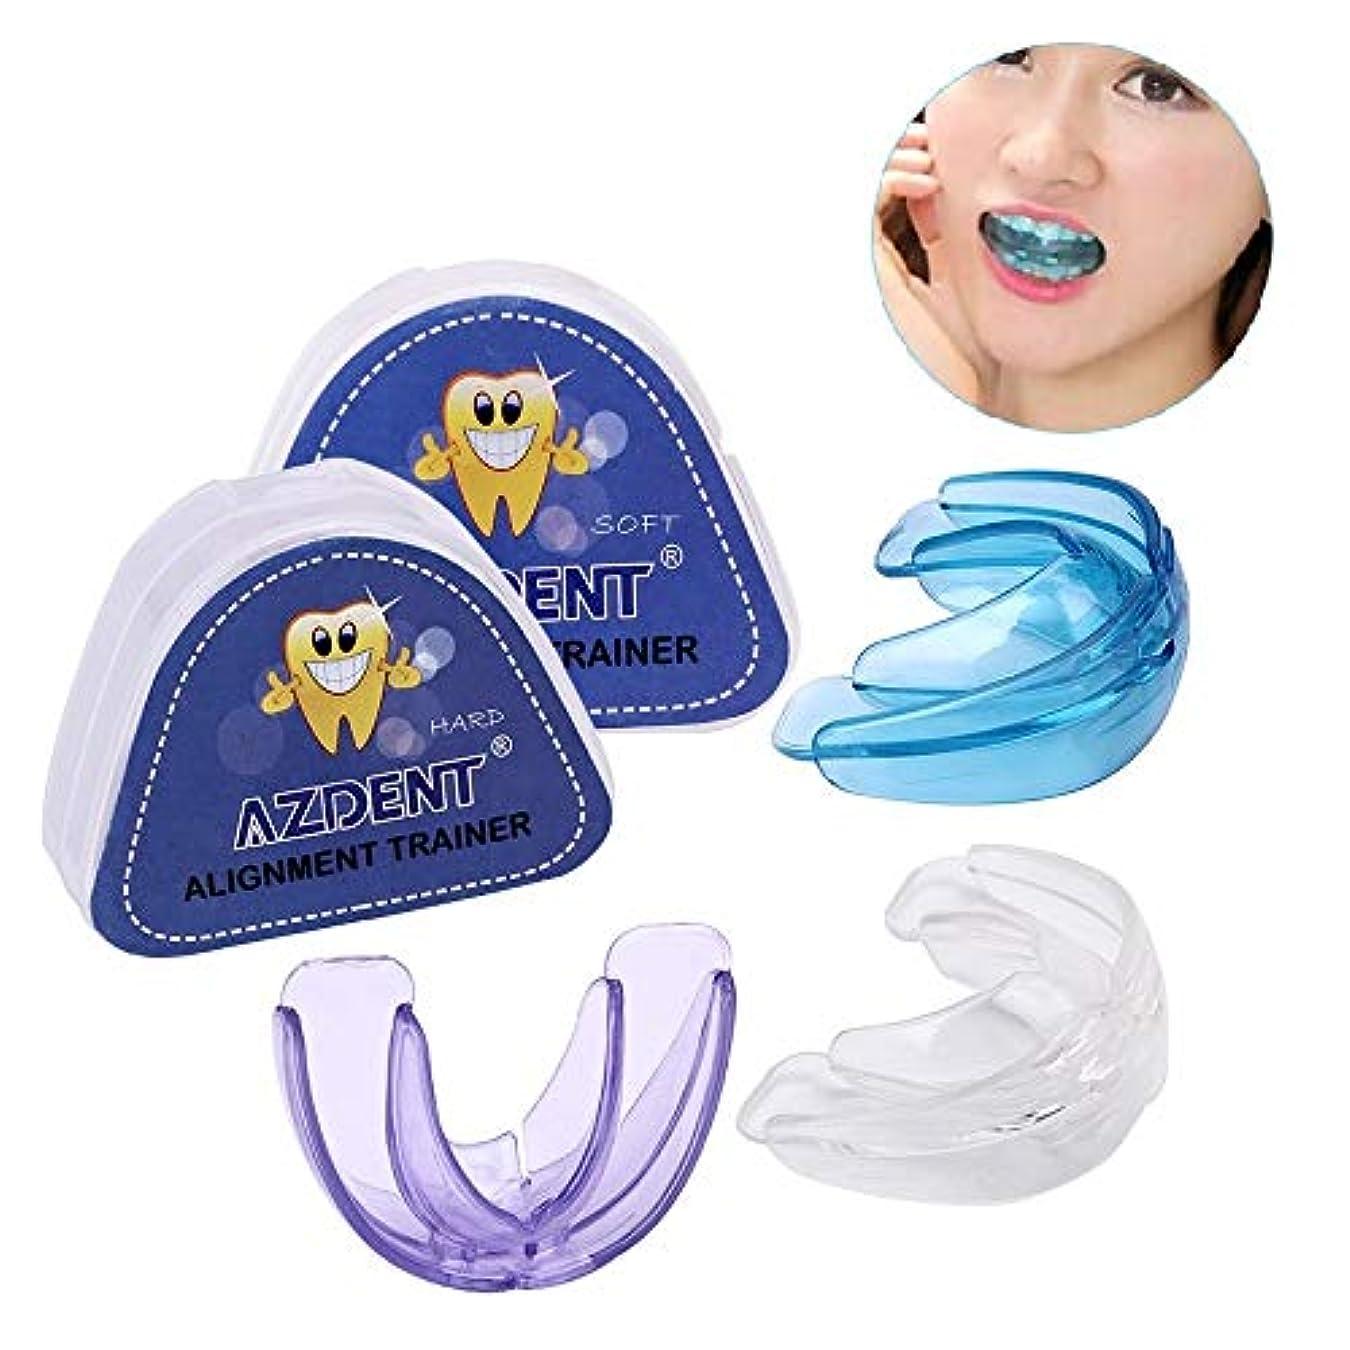 取り囲むドロースペイン1 SET(SOFT+HARD) Pro Silicone Tooth Orthodontic Dental Appliance Trainer Alignment Braces For Teeth Straight Alignment...